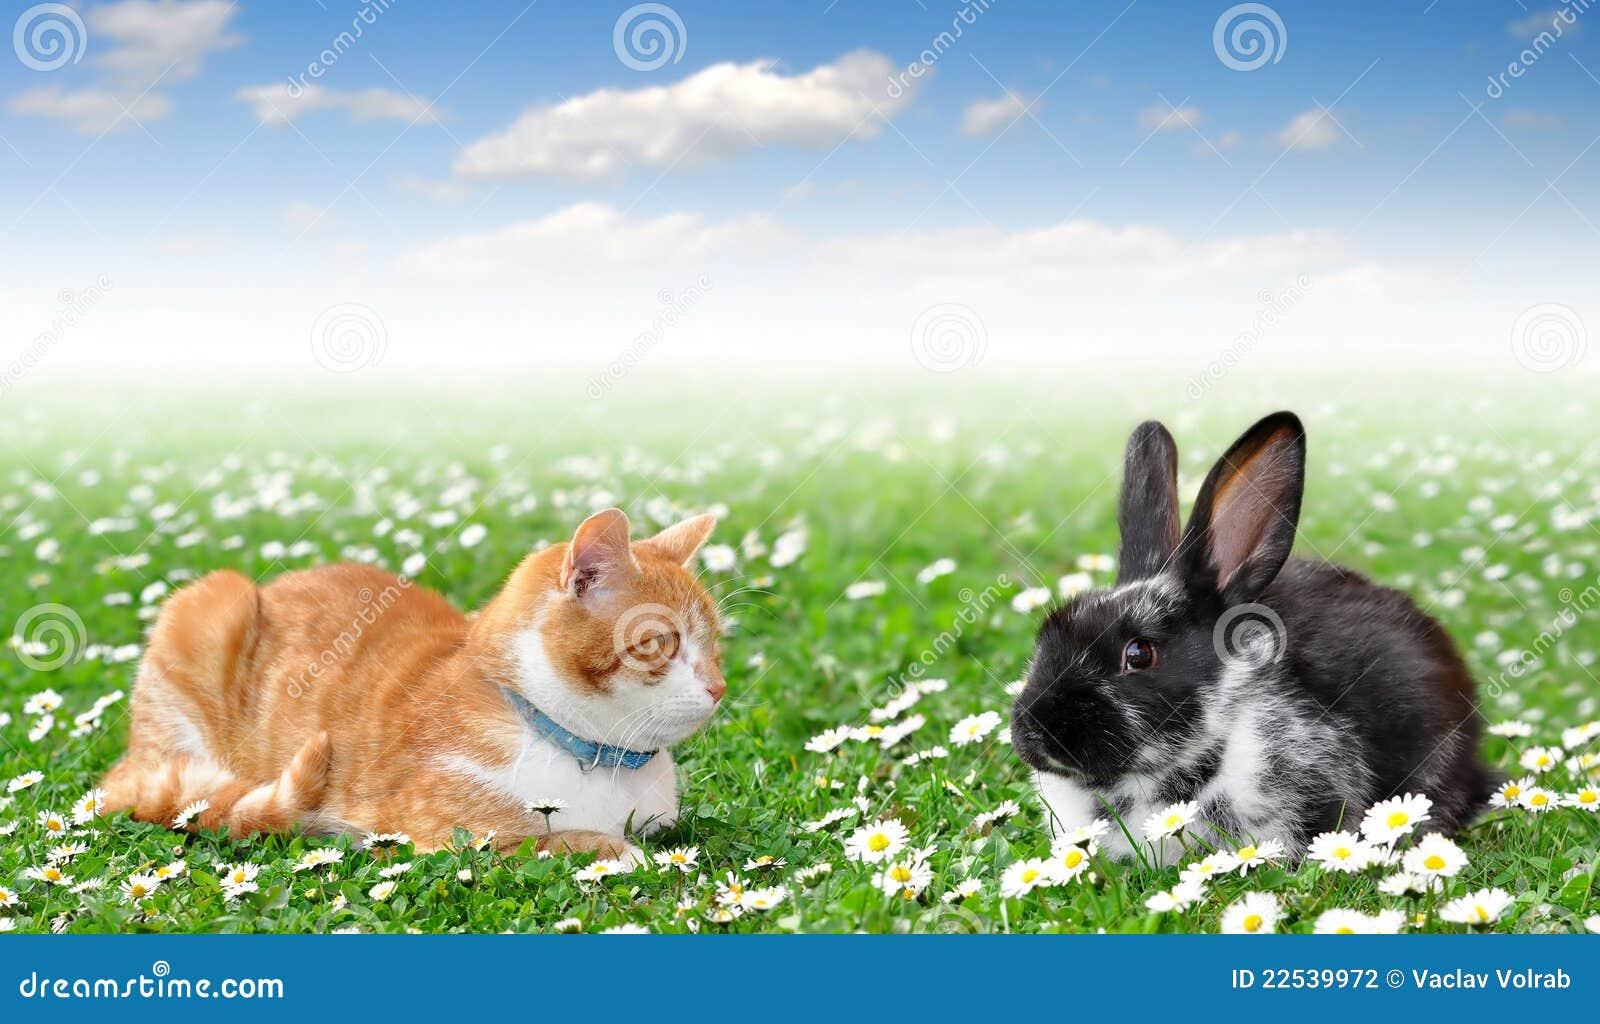 lapin mignon avec le chat photo stock image du amical 22539972. Black Bedroom Furniture Sets. Home Design Ideas